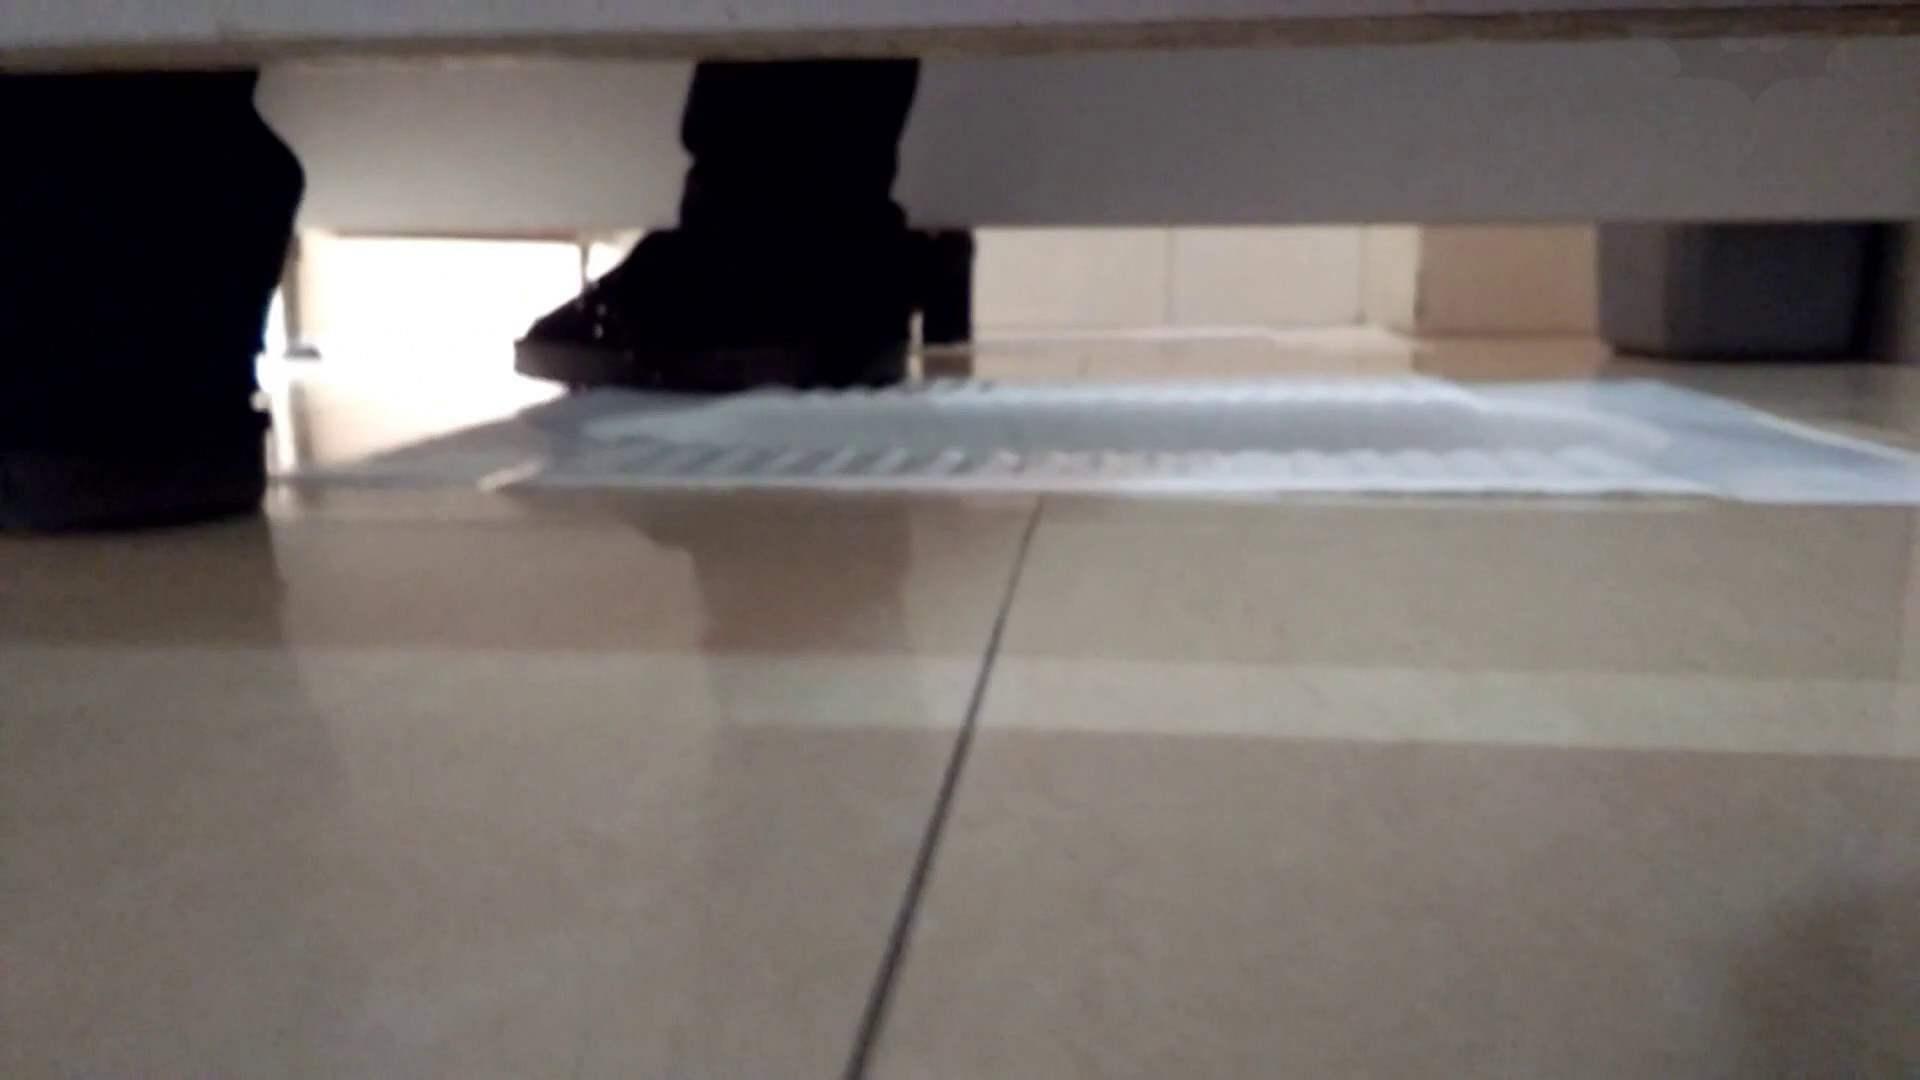 芸術大学ガチ潜入盗撮 JD盗撮 美女の洗面所の秘密 Vol.98 盛合せ AV無料動画キャプチャ 48画像 40